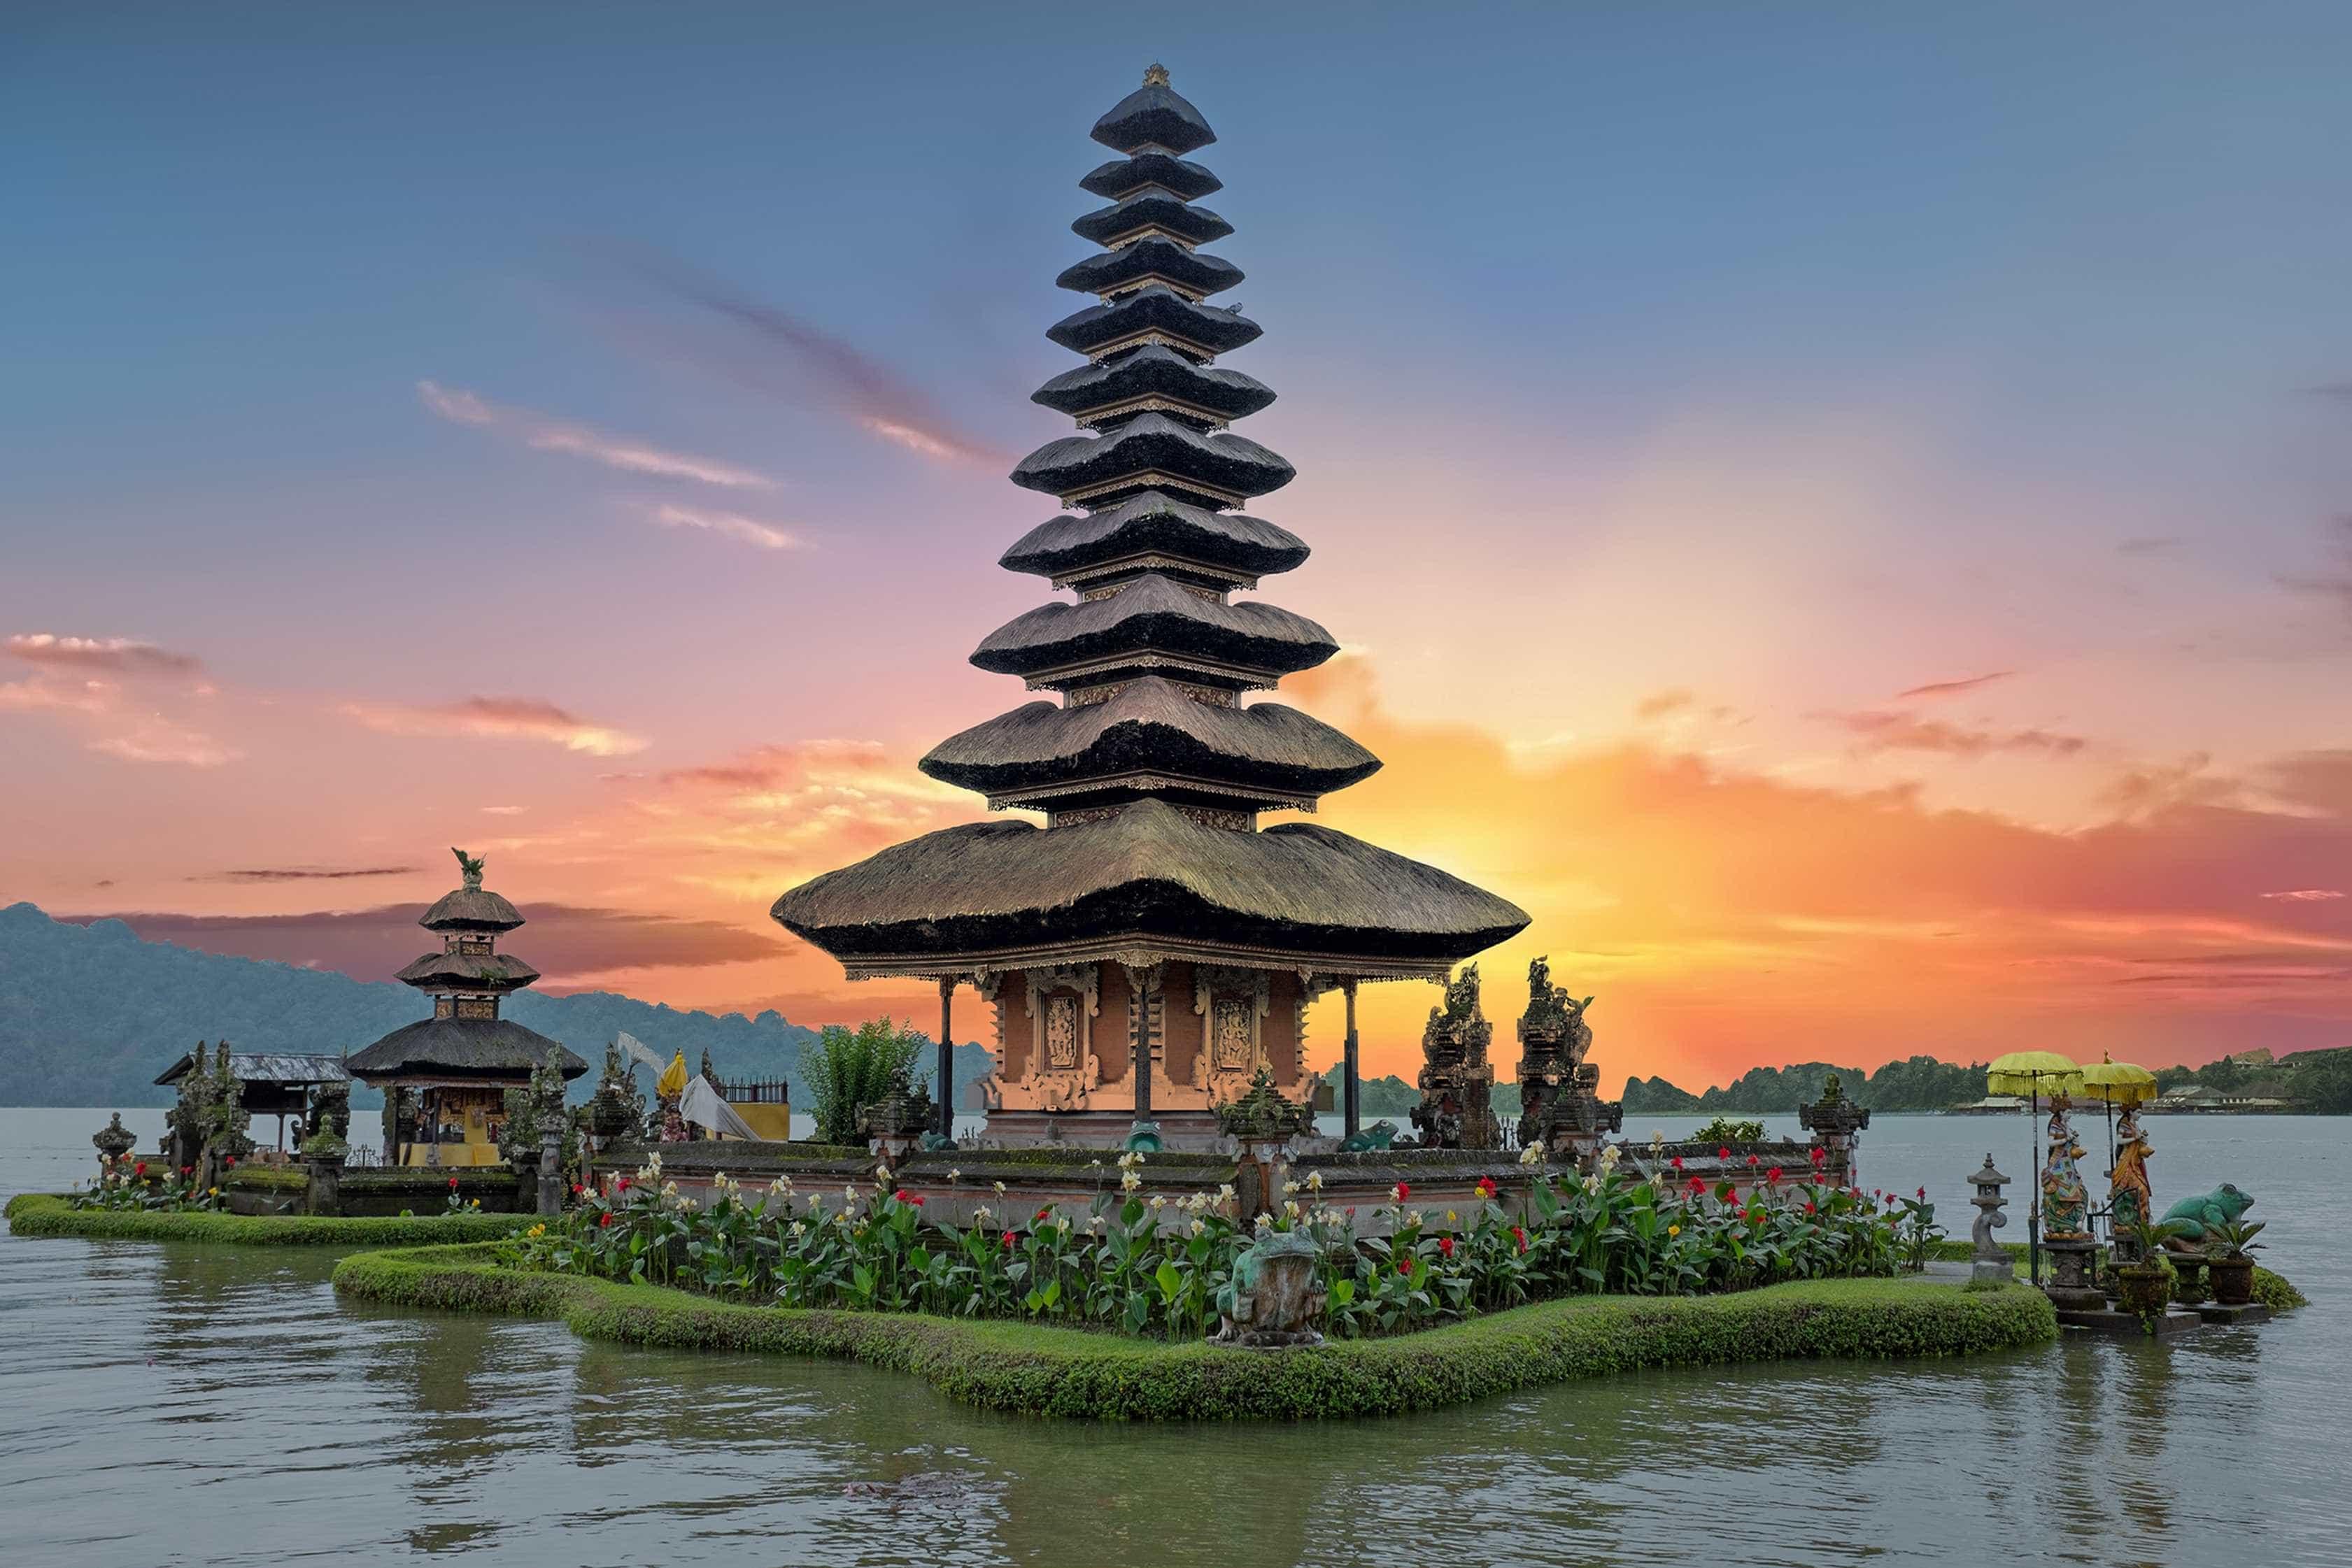 Confira o nascer do sol em Bali, um dos mais bonitos do mundo